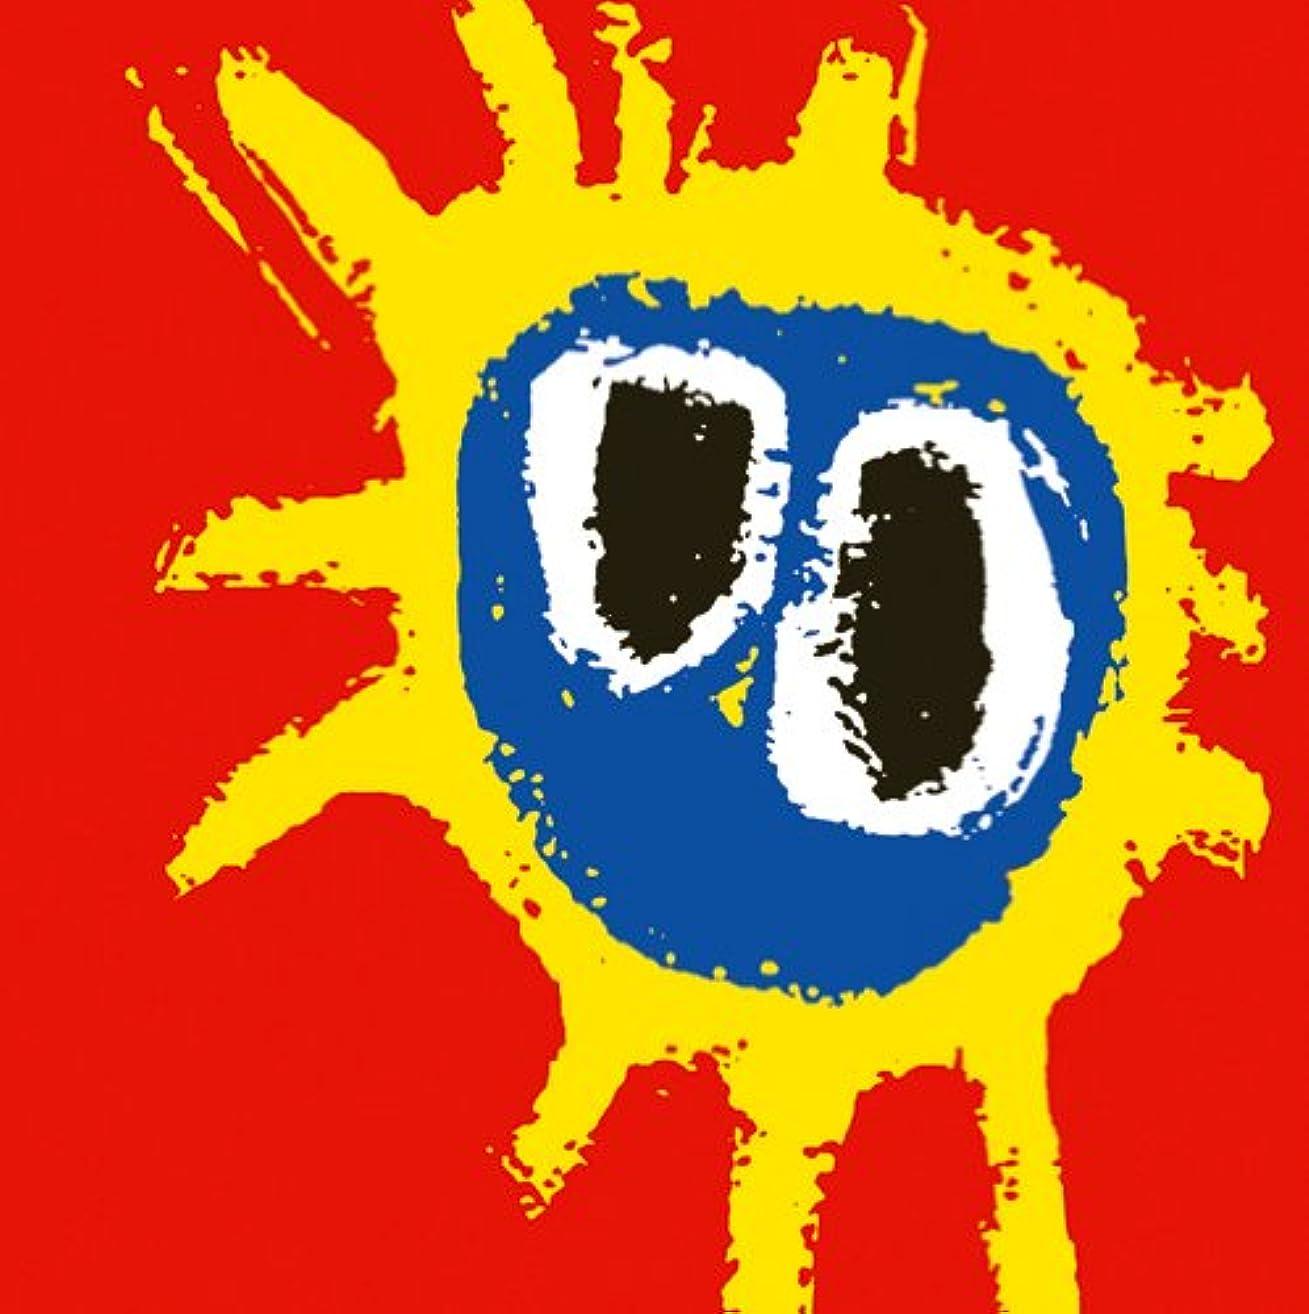 破壊舌な技術的なスクリーマデリカ(20周年アニヴァーサリー?ジャパン?エディション)(完全生産限定盤)(DVD付)